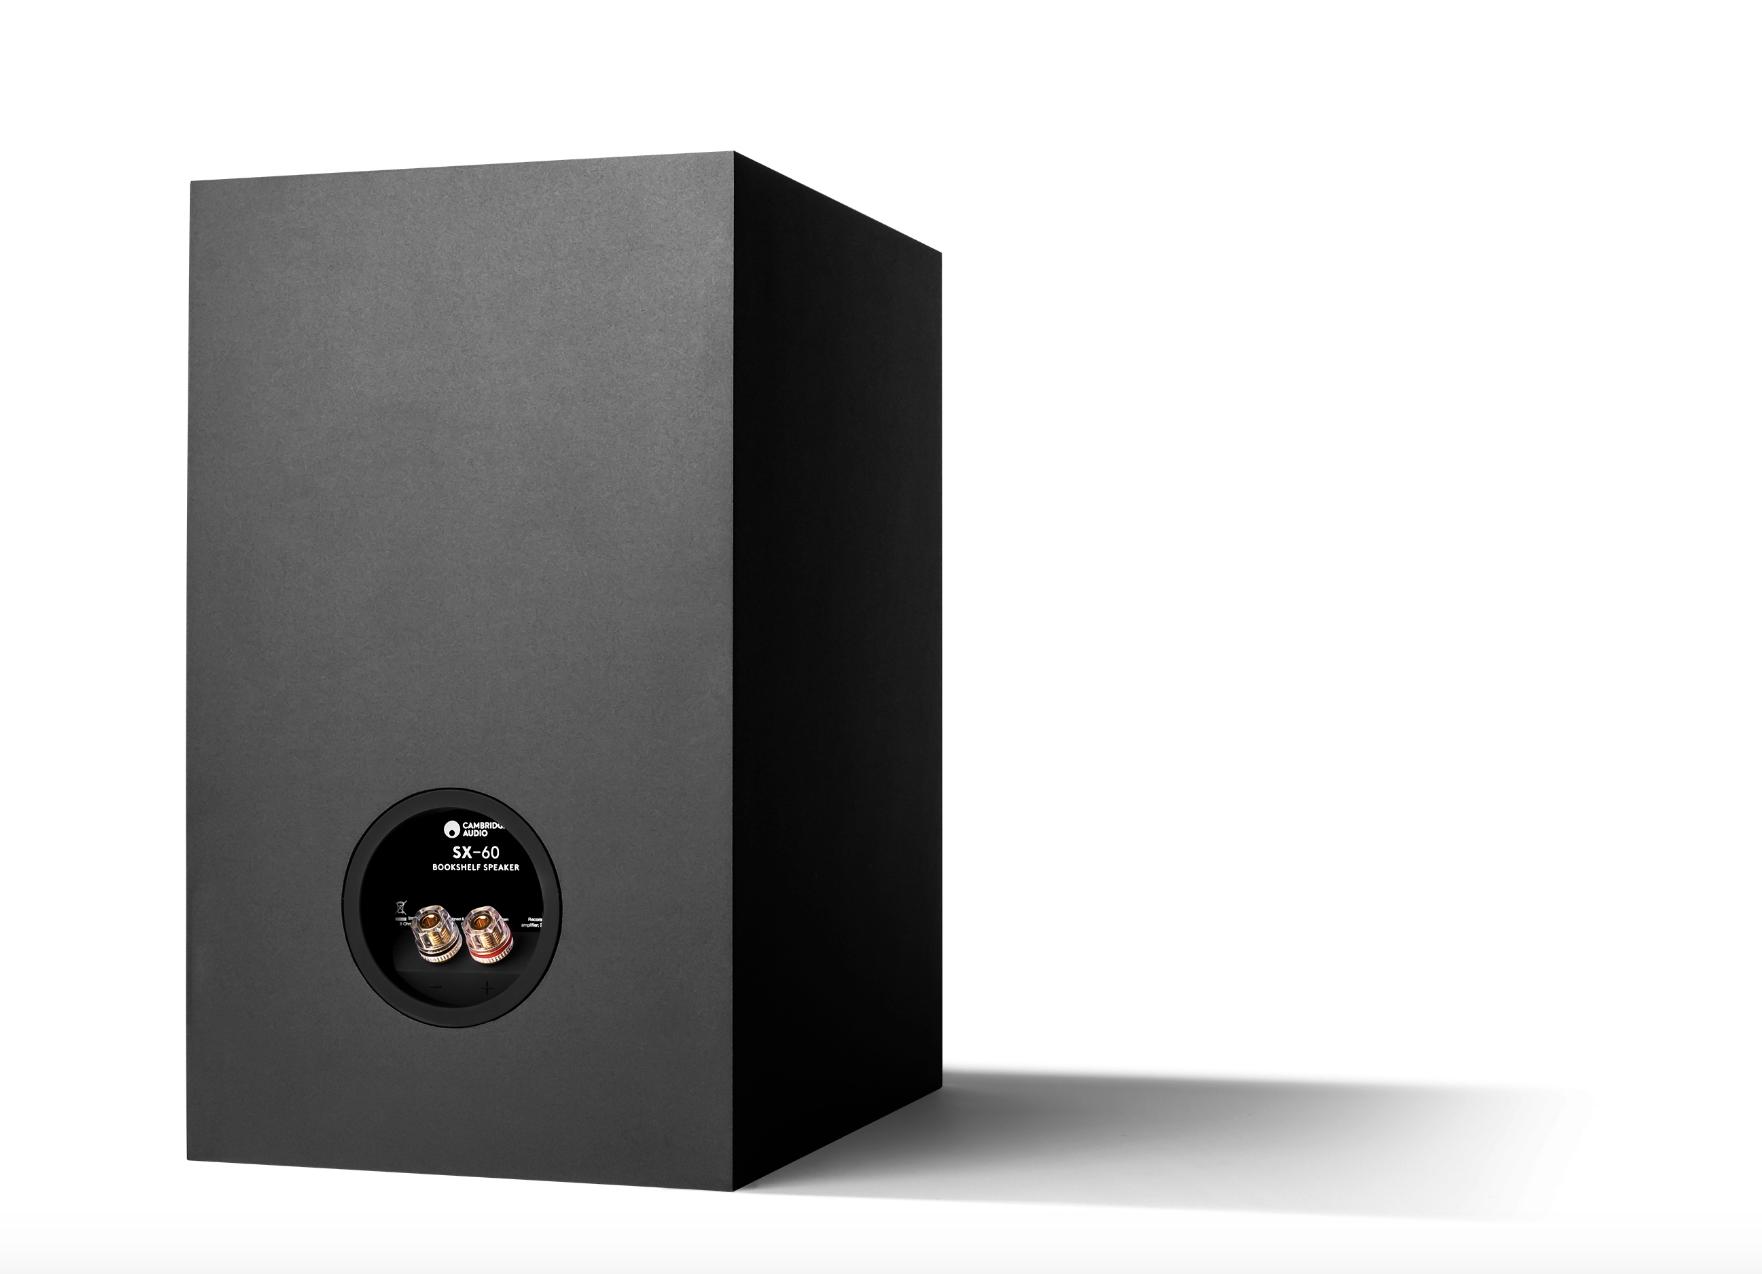 Cambridge Audio SX 60 Vintage Audio Repair 5